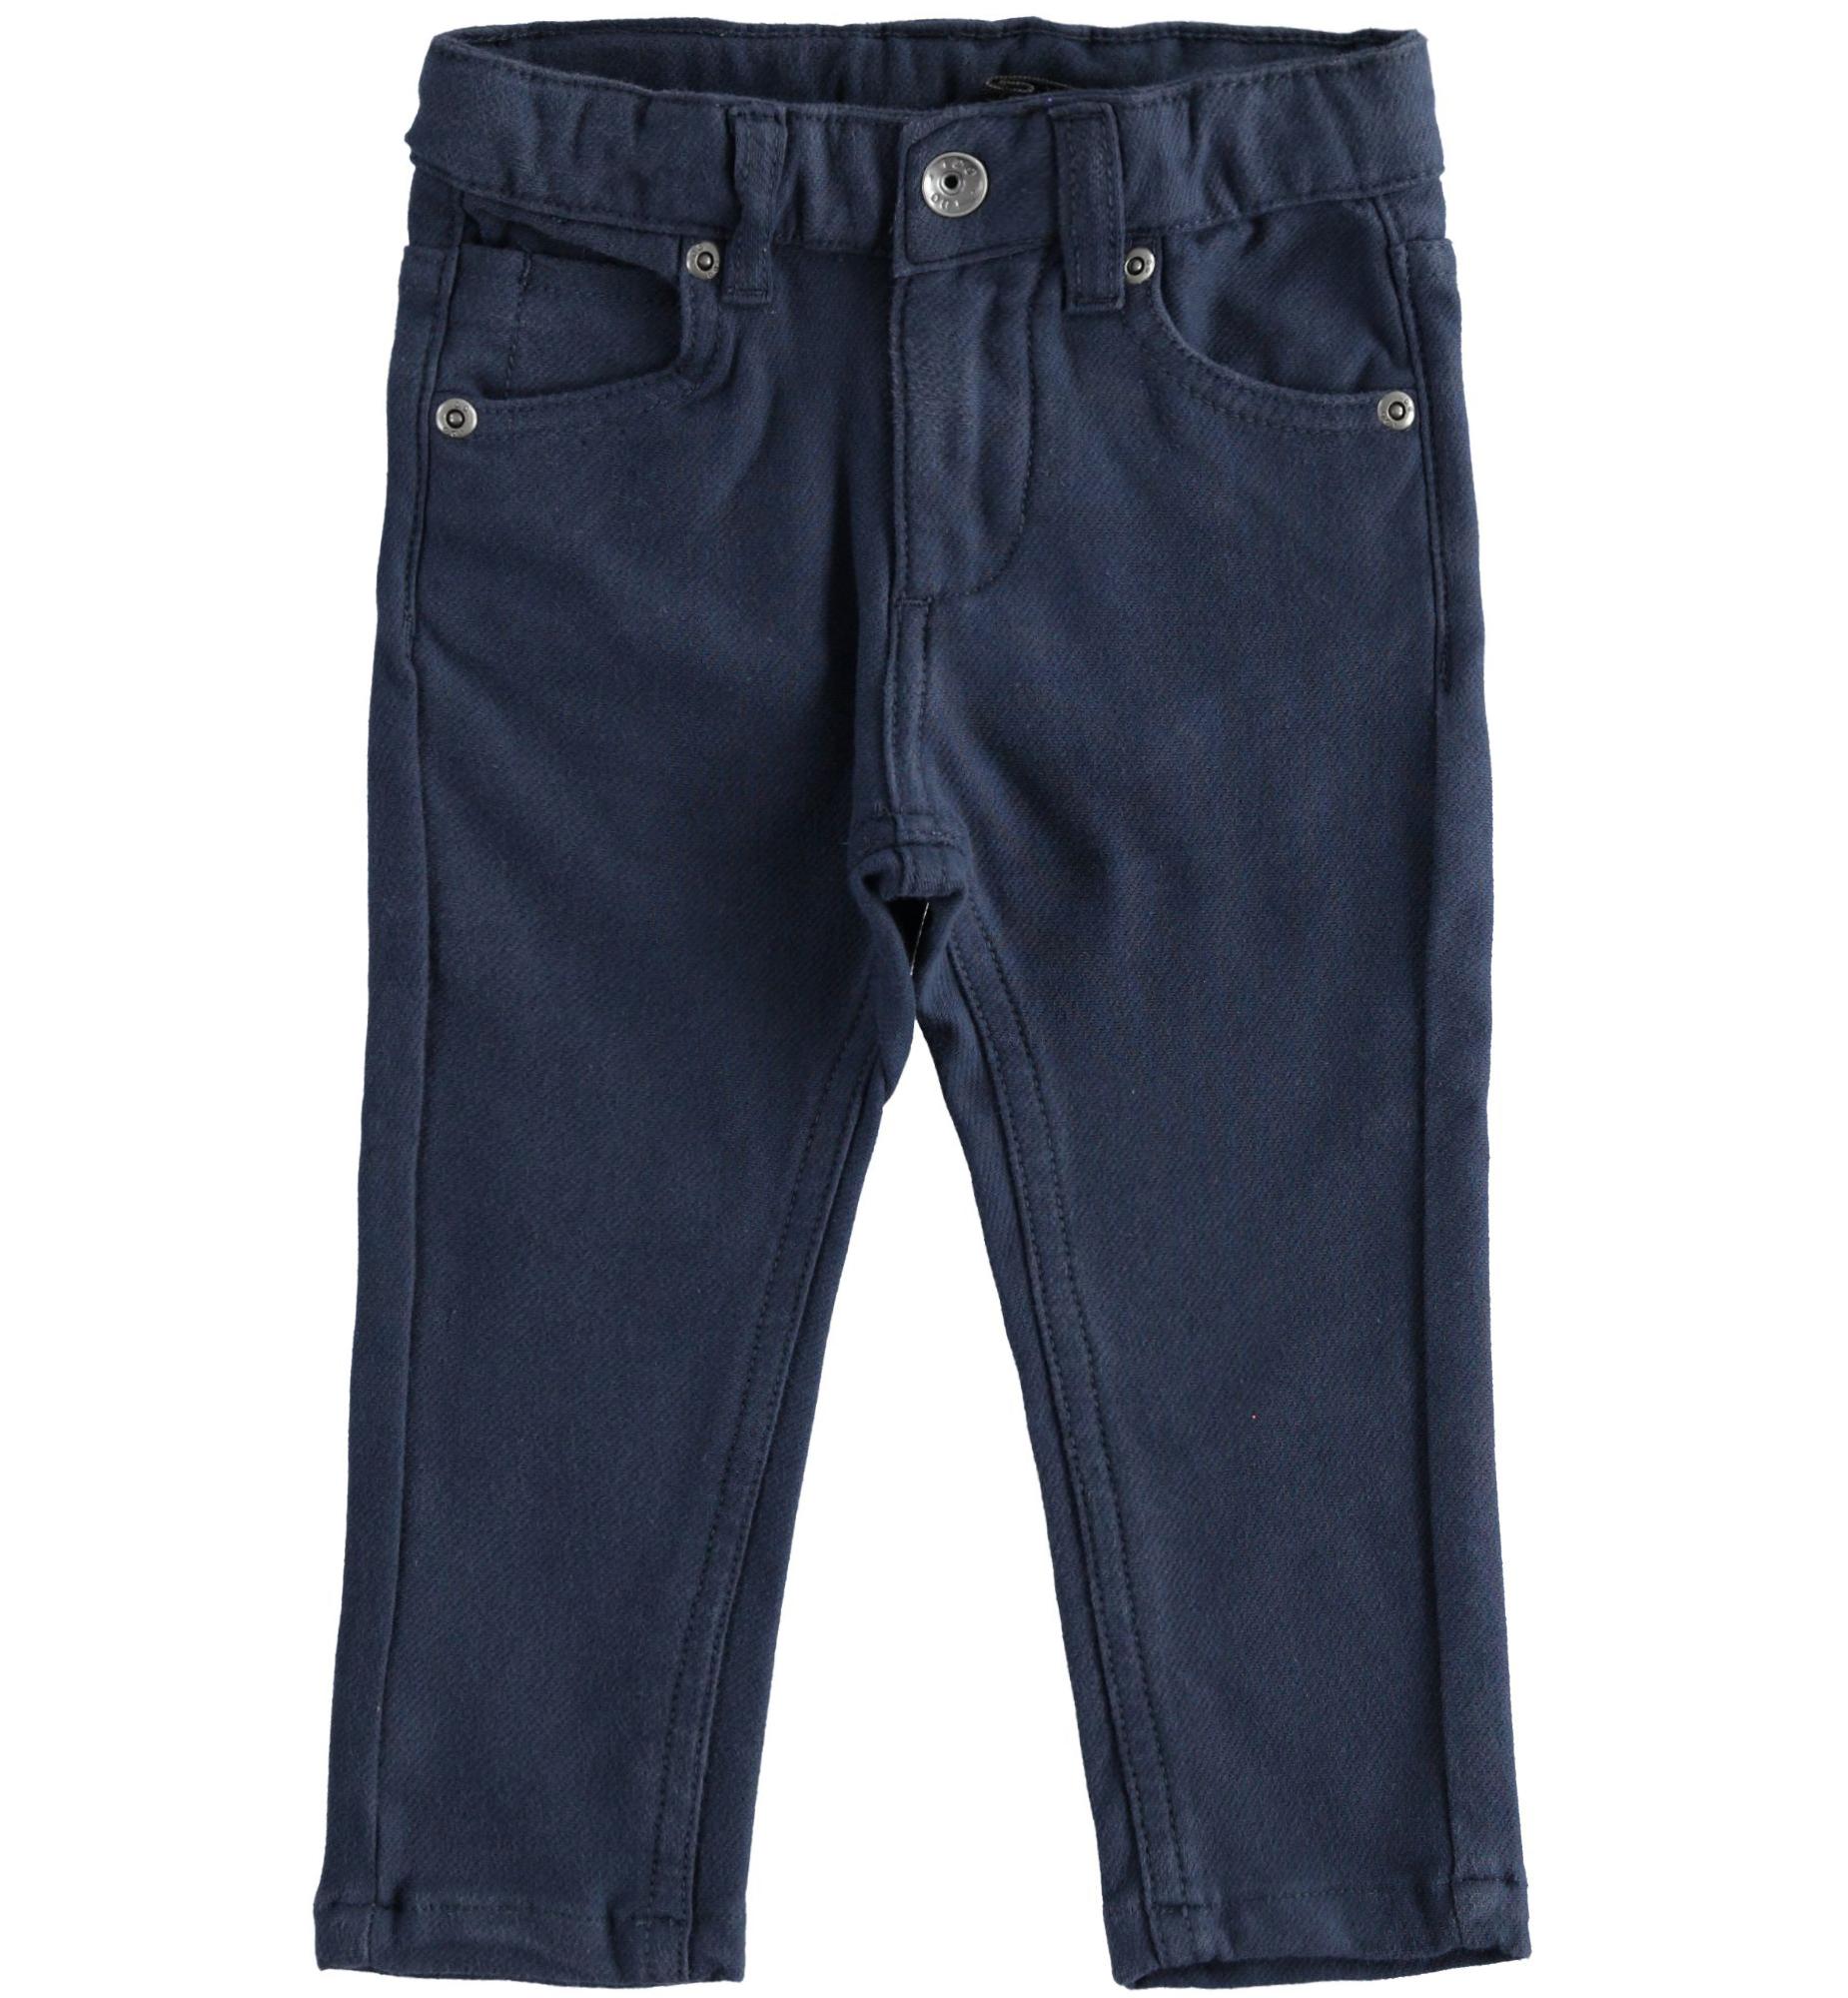 Kék pamut nadrág állítható derékbőséggel